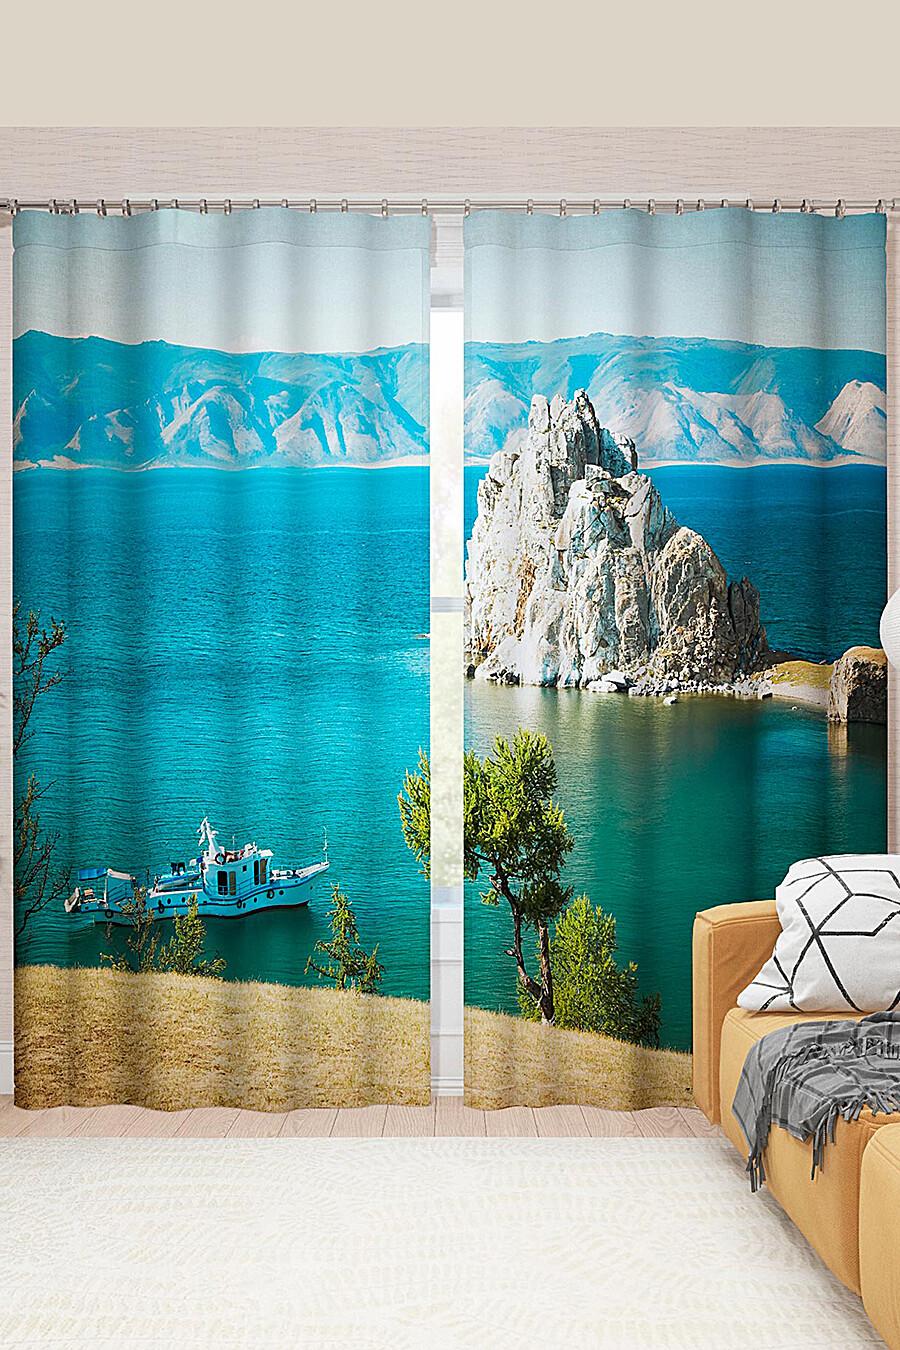 Фотошторы для дома ART HOME TEXTILE 123481 купить оптом от производителя. Совместная покупка товаров для дома в OptMoyo